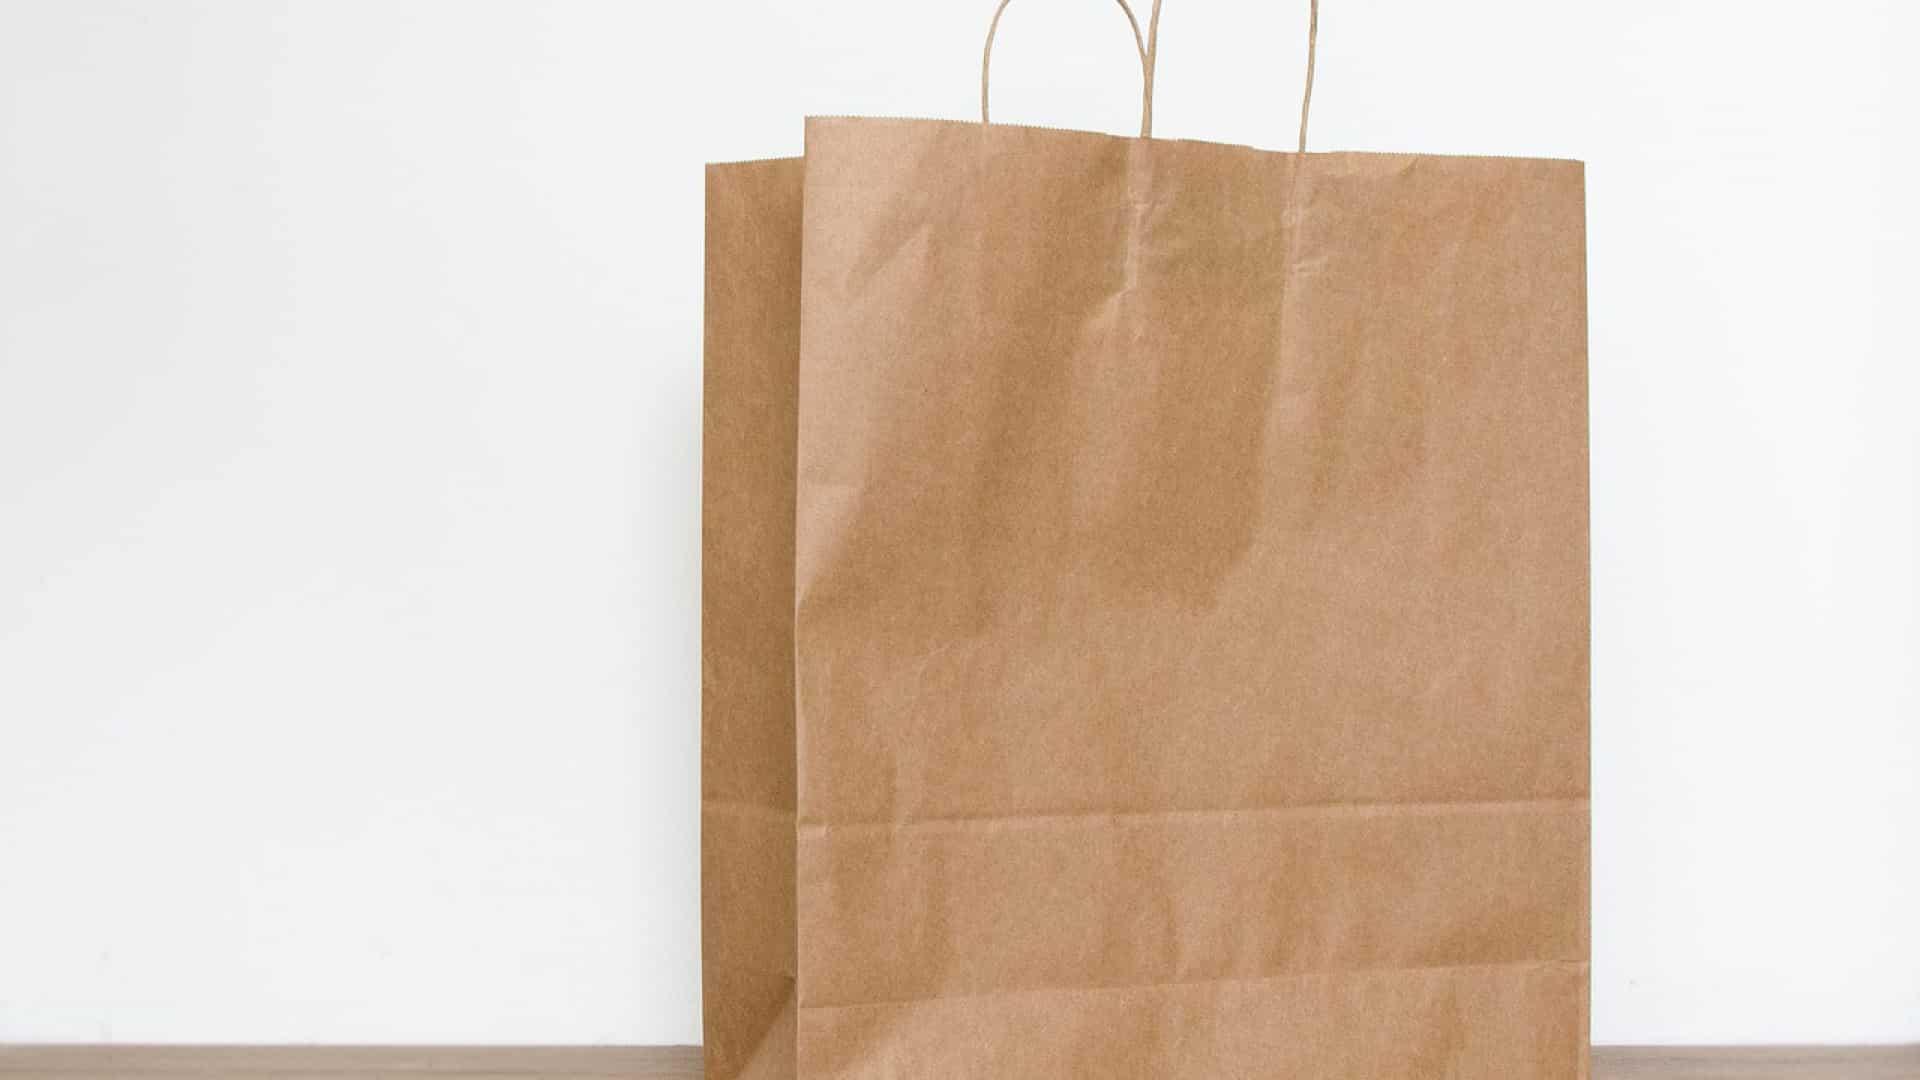 Pourquoi opter pour des sacs publicitaires pour son entreprise ?